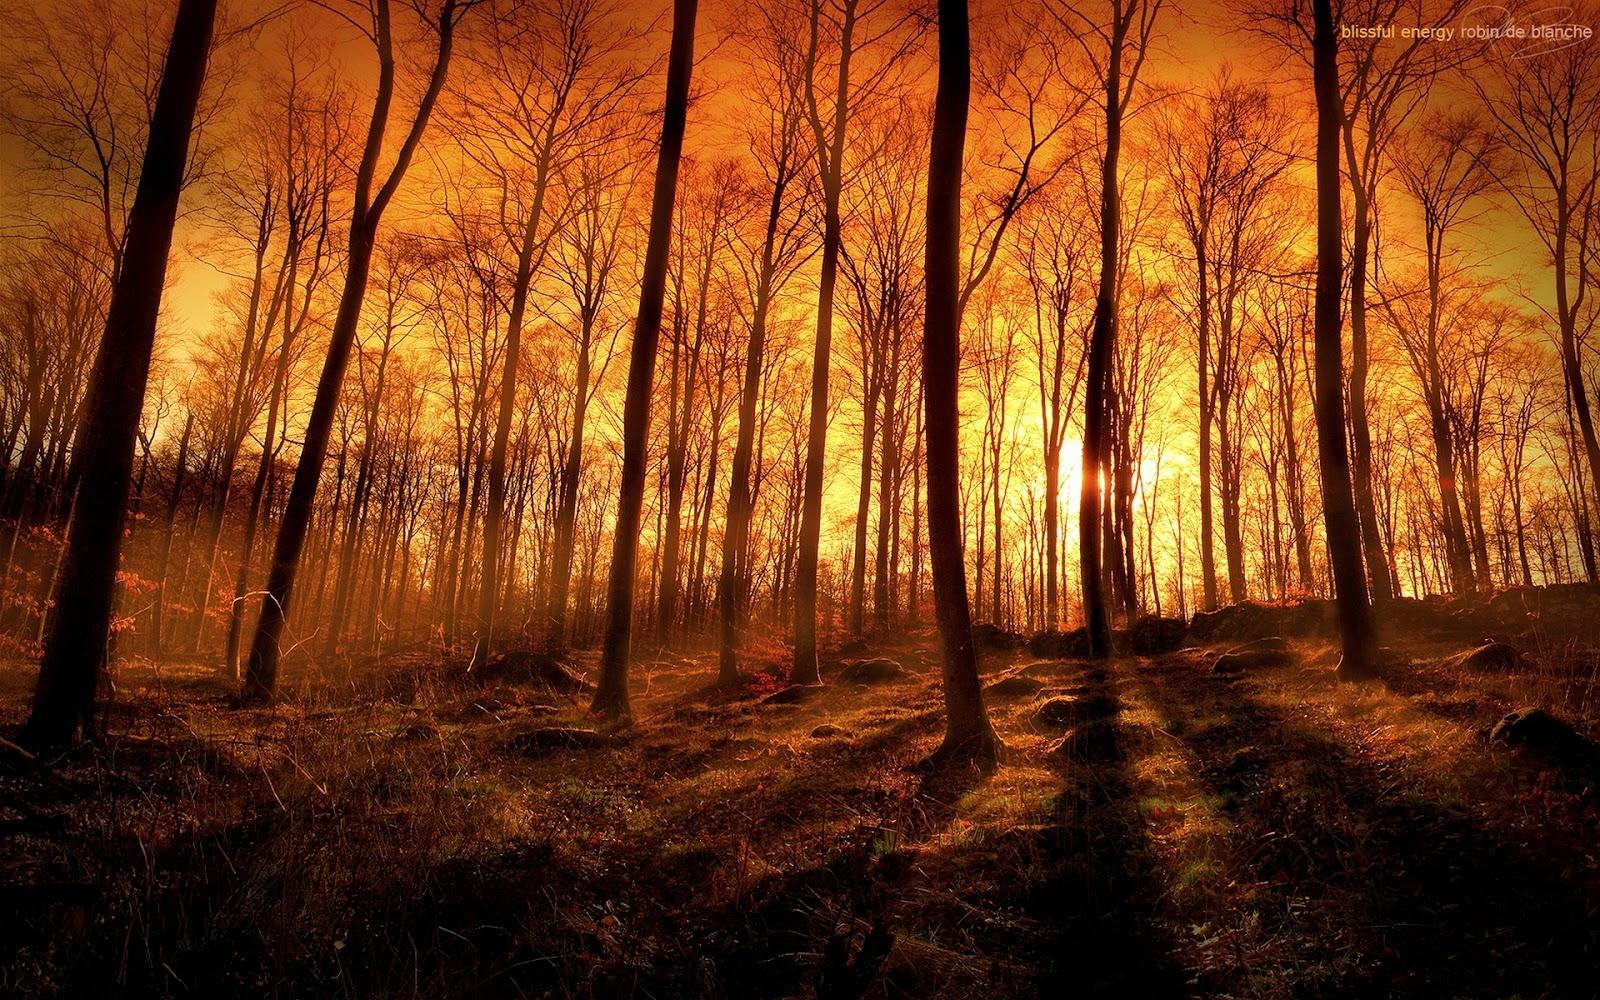 Forest Fire Wallpaper - WallpaperSafari